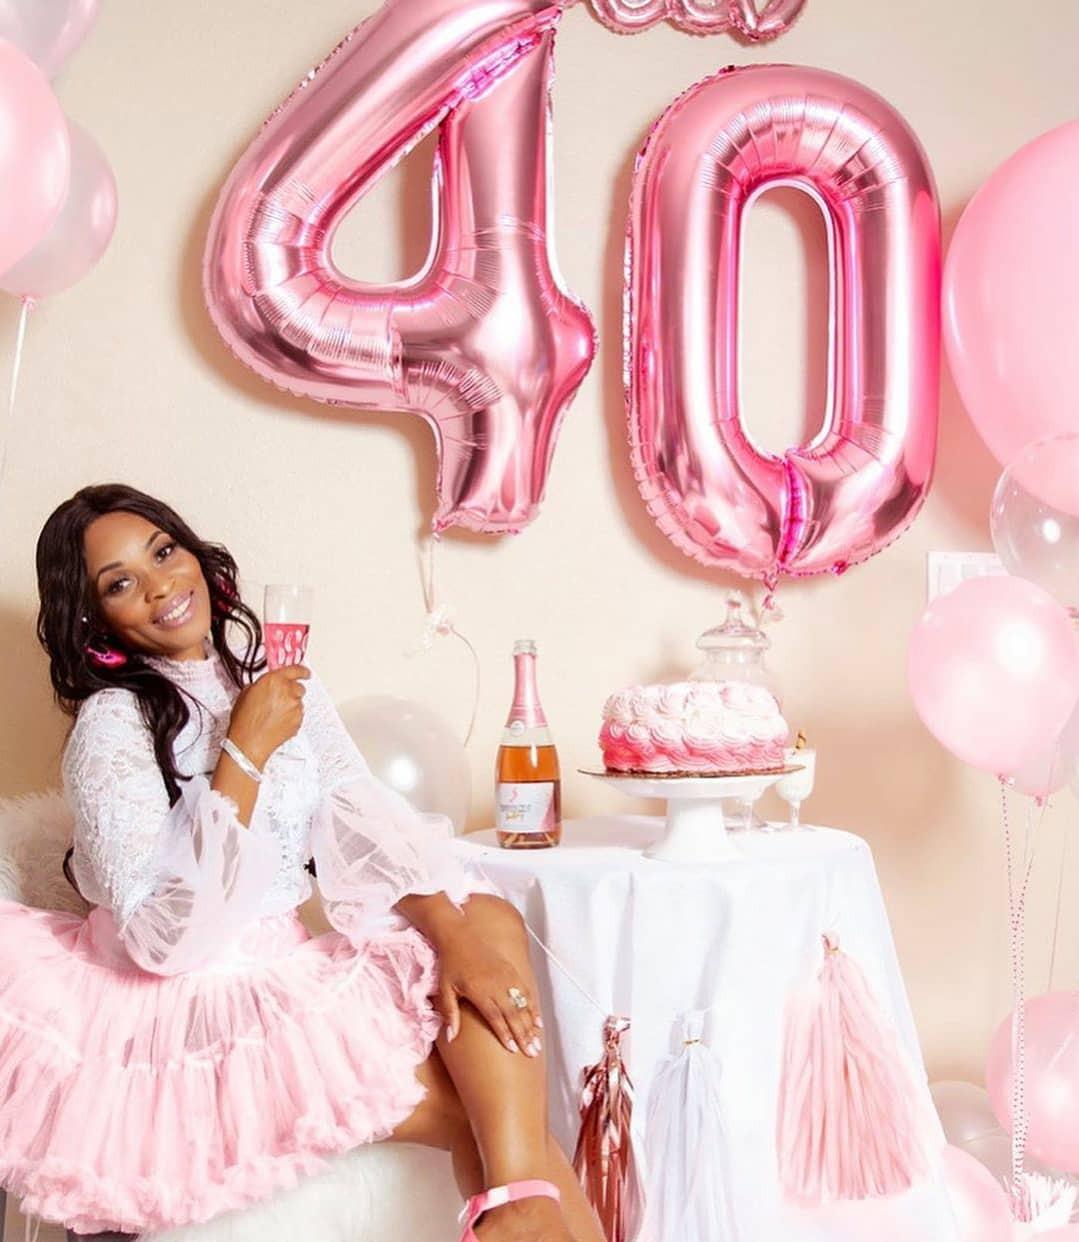 Georgina Onuoha has shared beautiful 40th birthday party